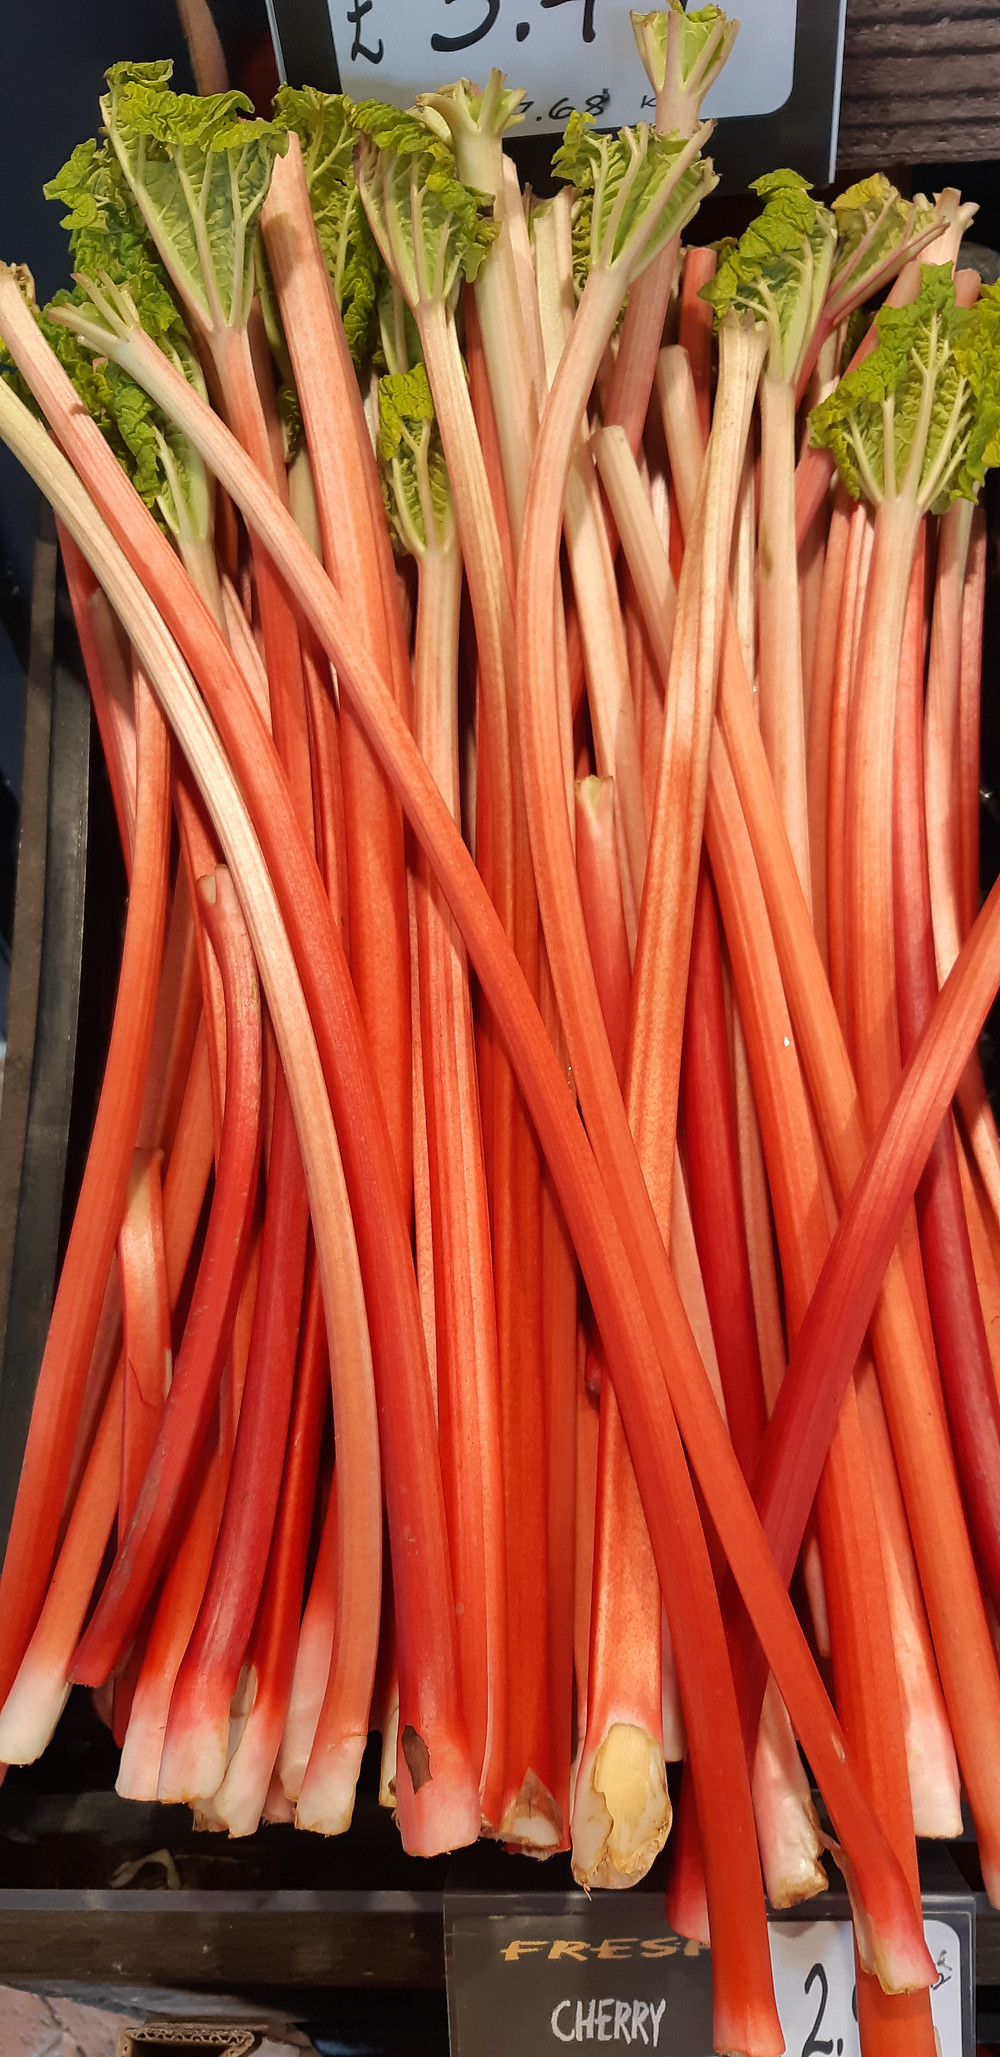 Forced Rhubarb Stems in box